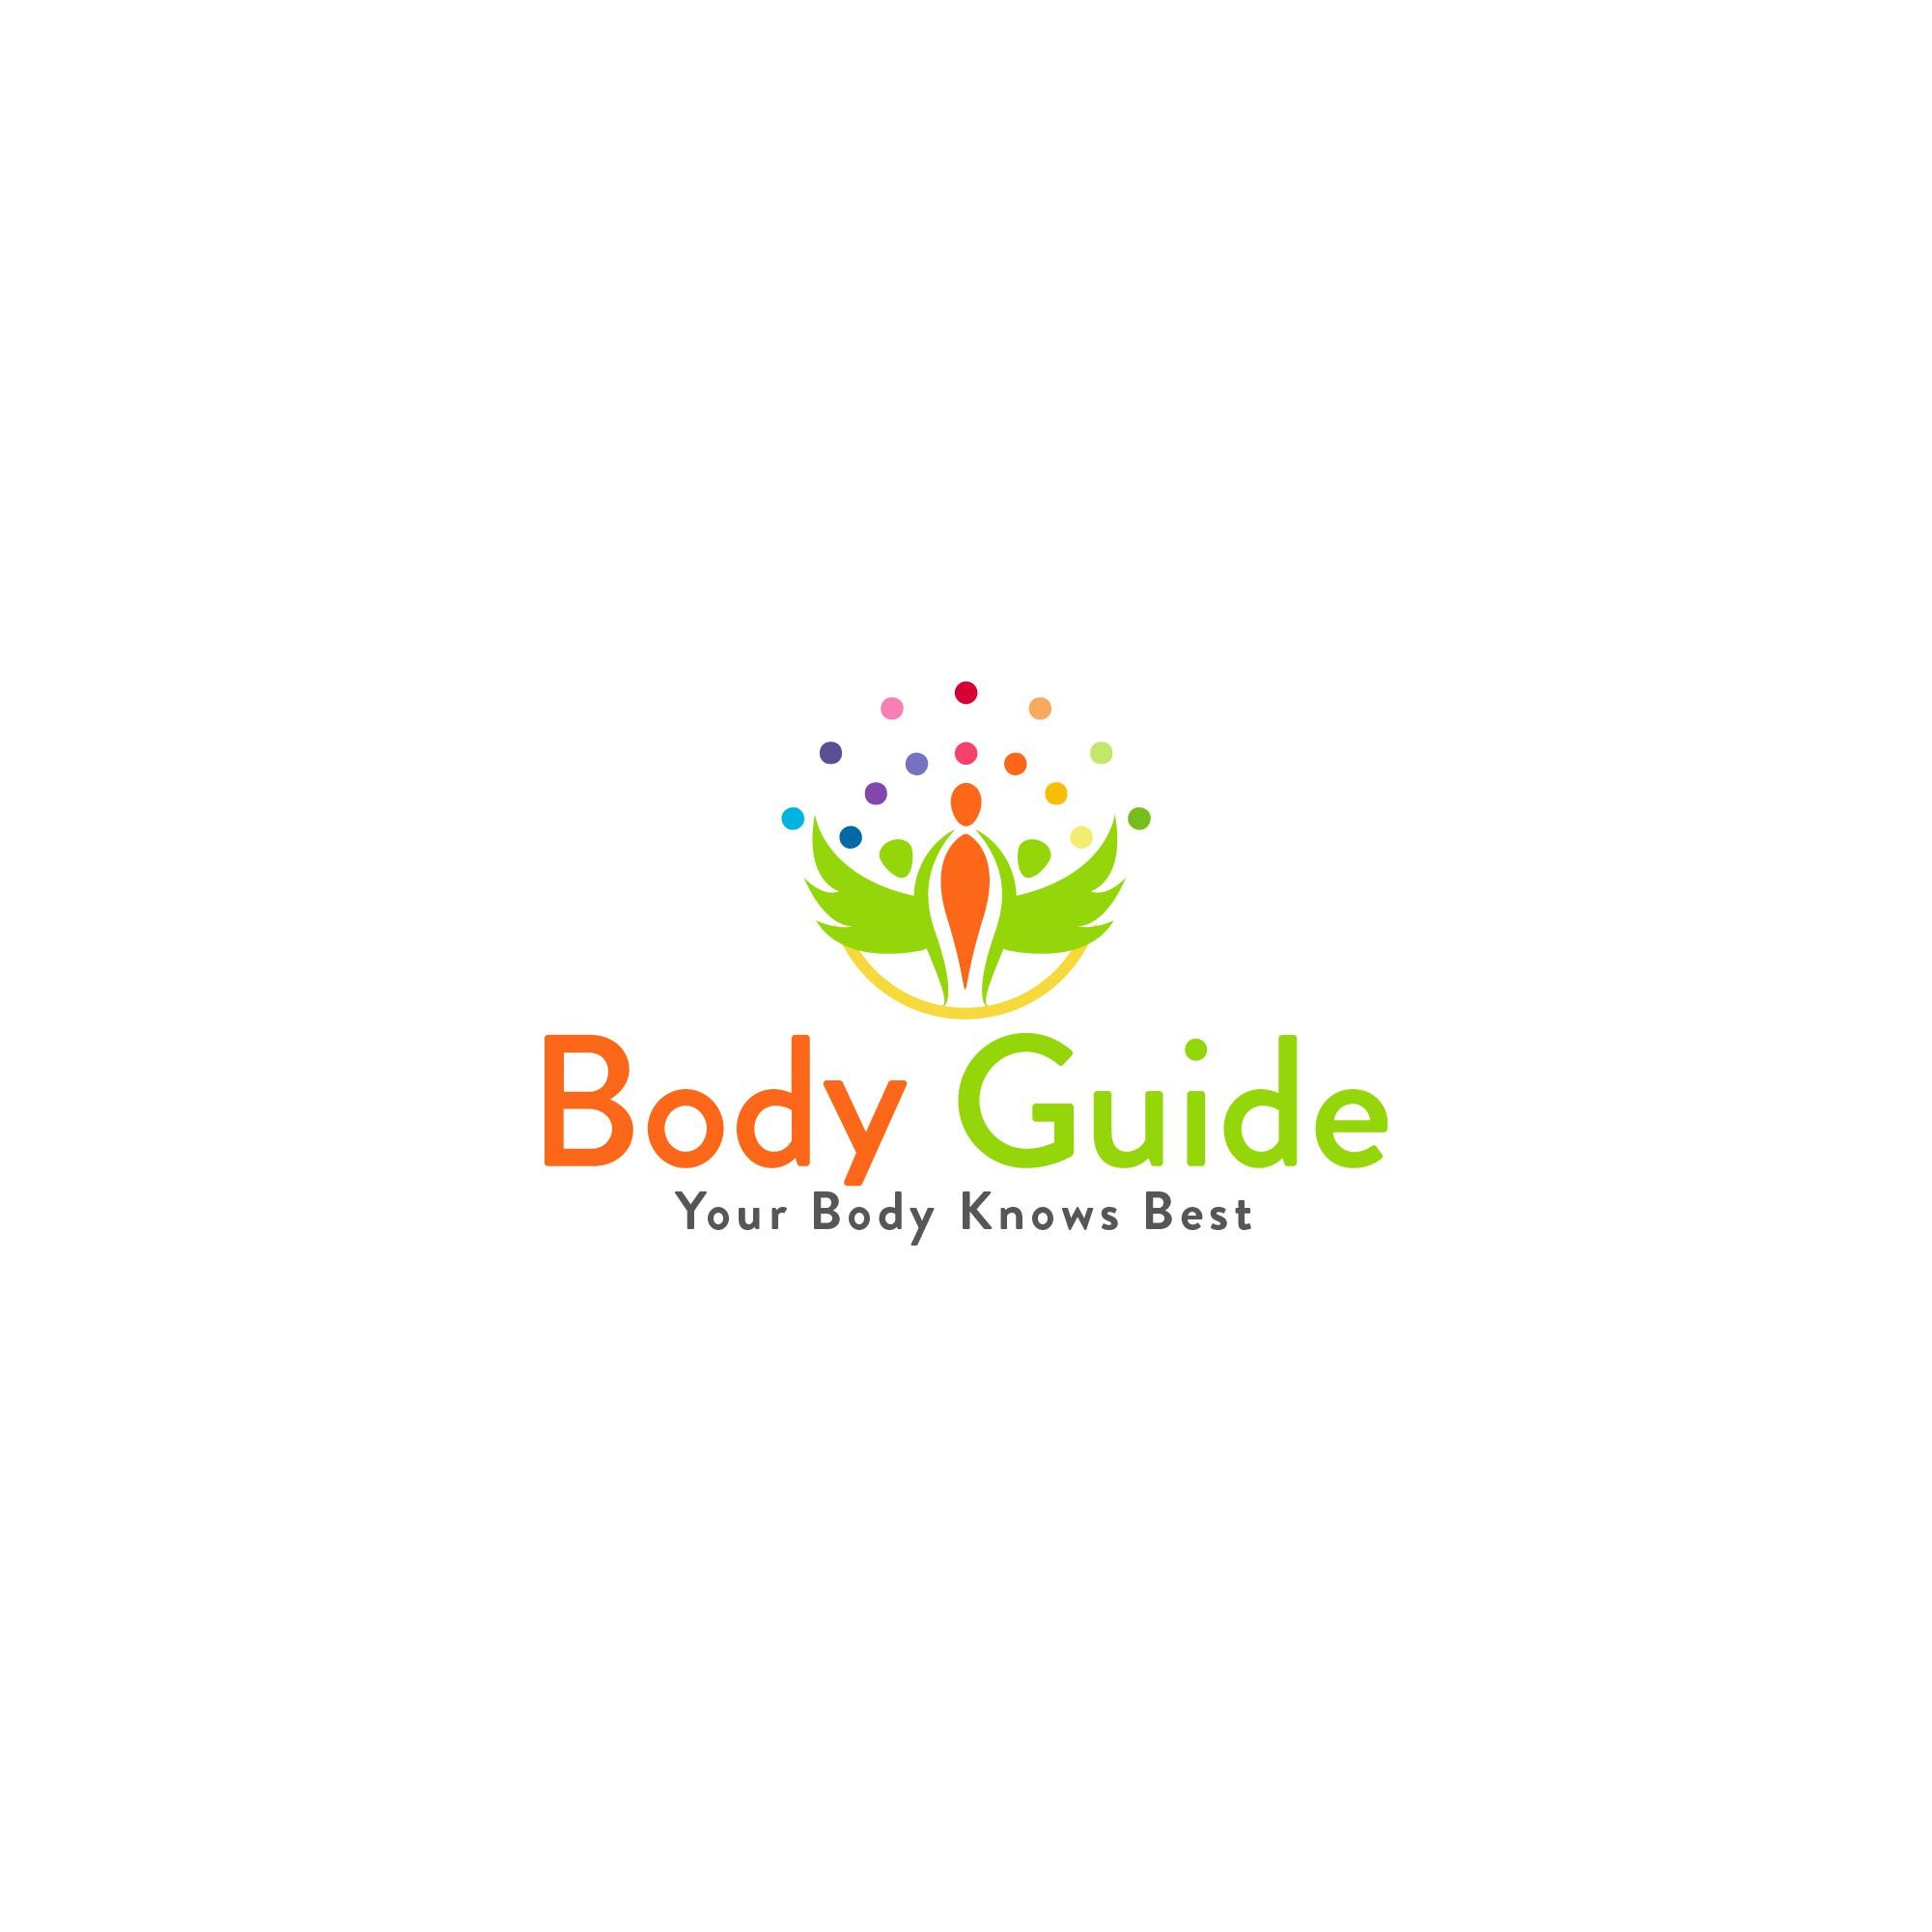 Body Guide Design